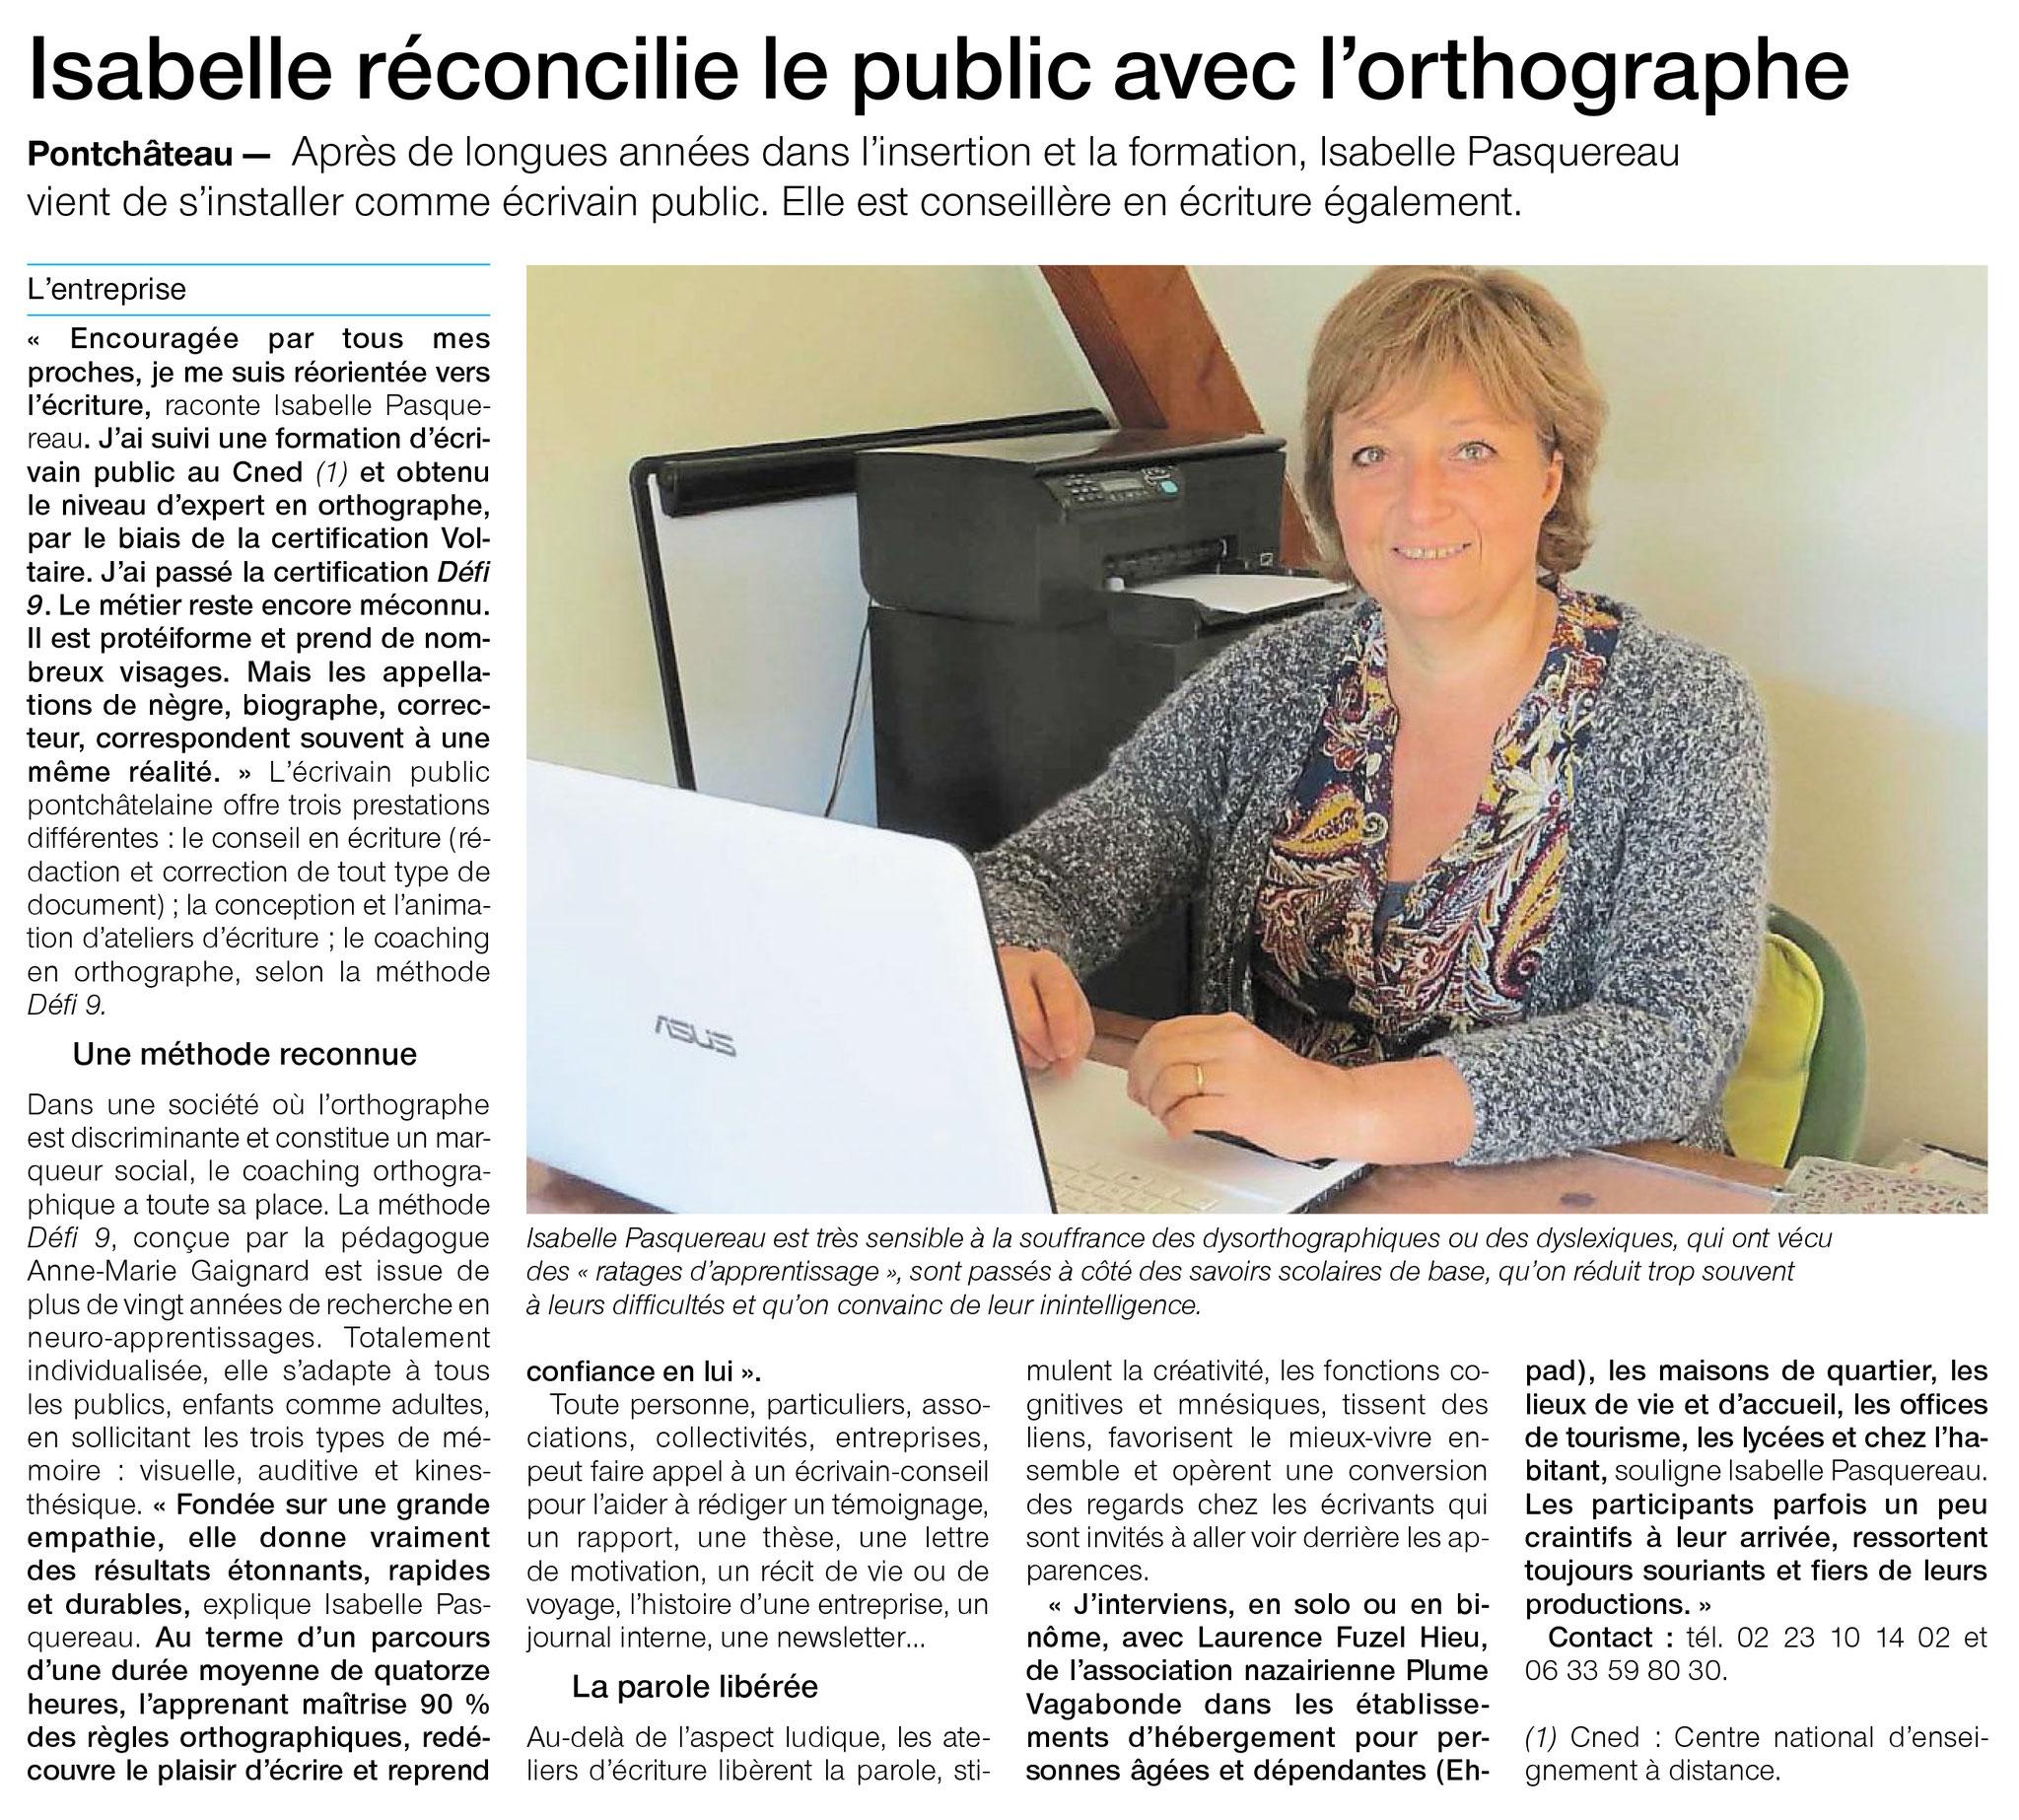 Isabelle Pasquereau réconcilie tout le monde avec l'orthographe !